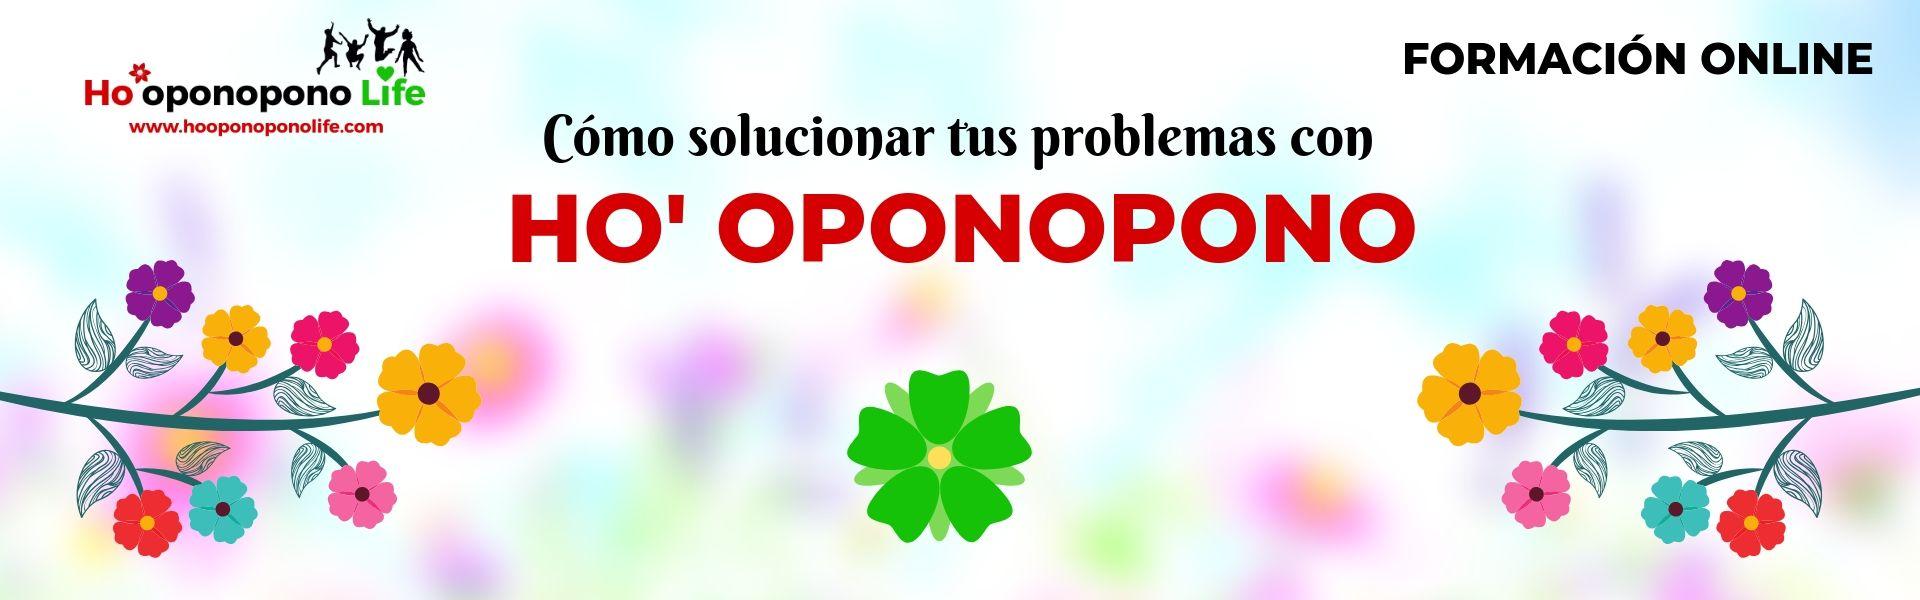 Formación online «Cómo resolver tus problemas con Ho' oponopono»